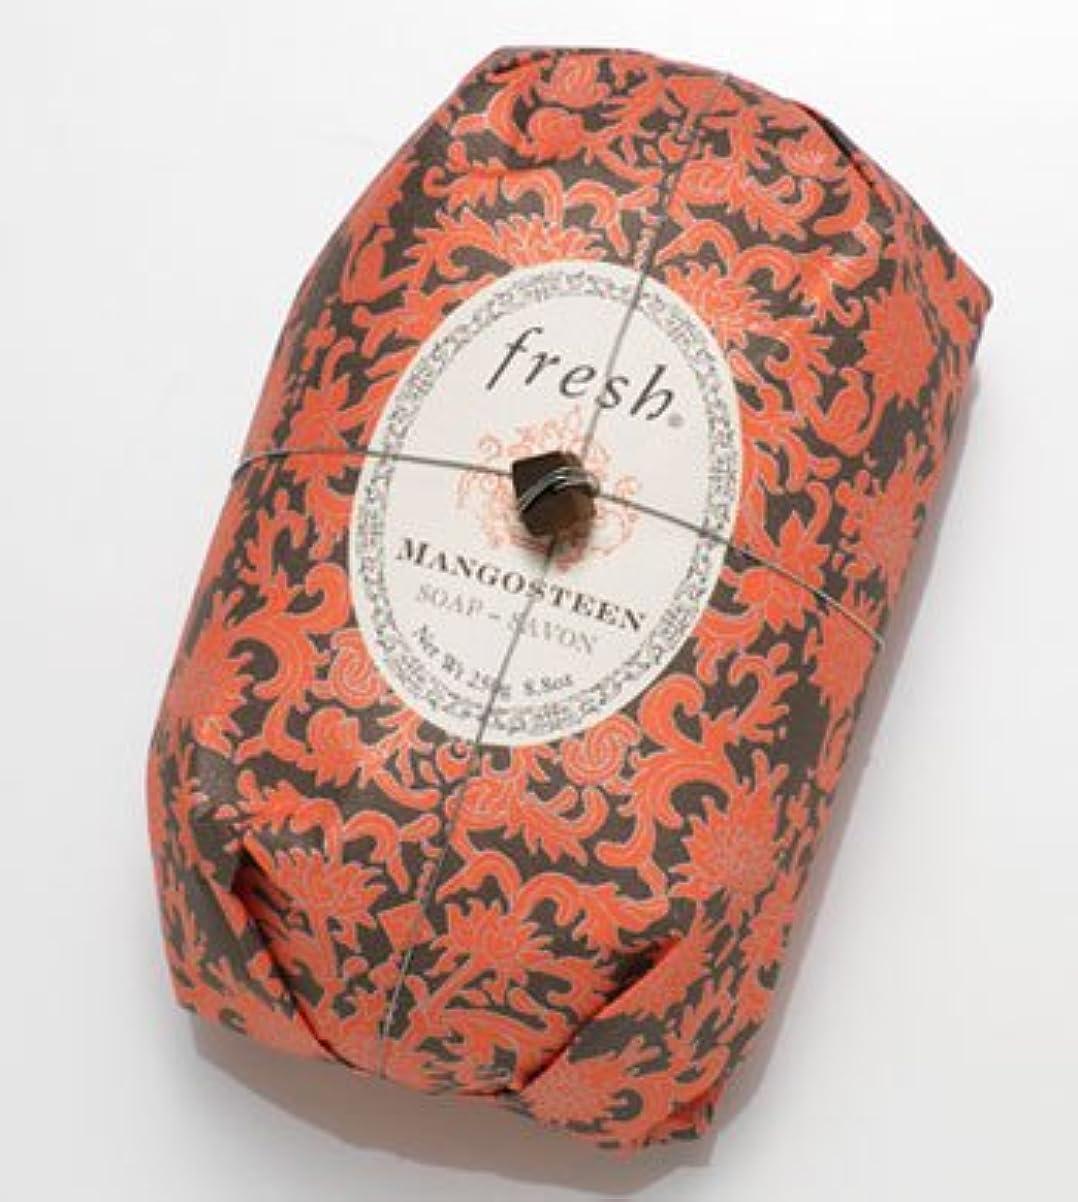 広告主アンタゴニストパズルFresh MANGOSTEEN SOAP (フレッシュ マンゴスチーン ソープ) 8.8 oz (250g) Soap (石鹸) by Fresh